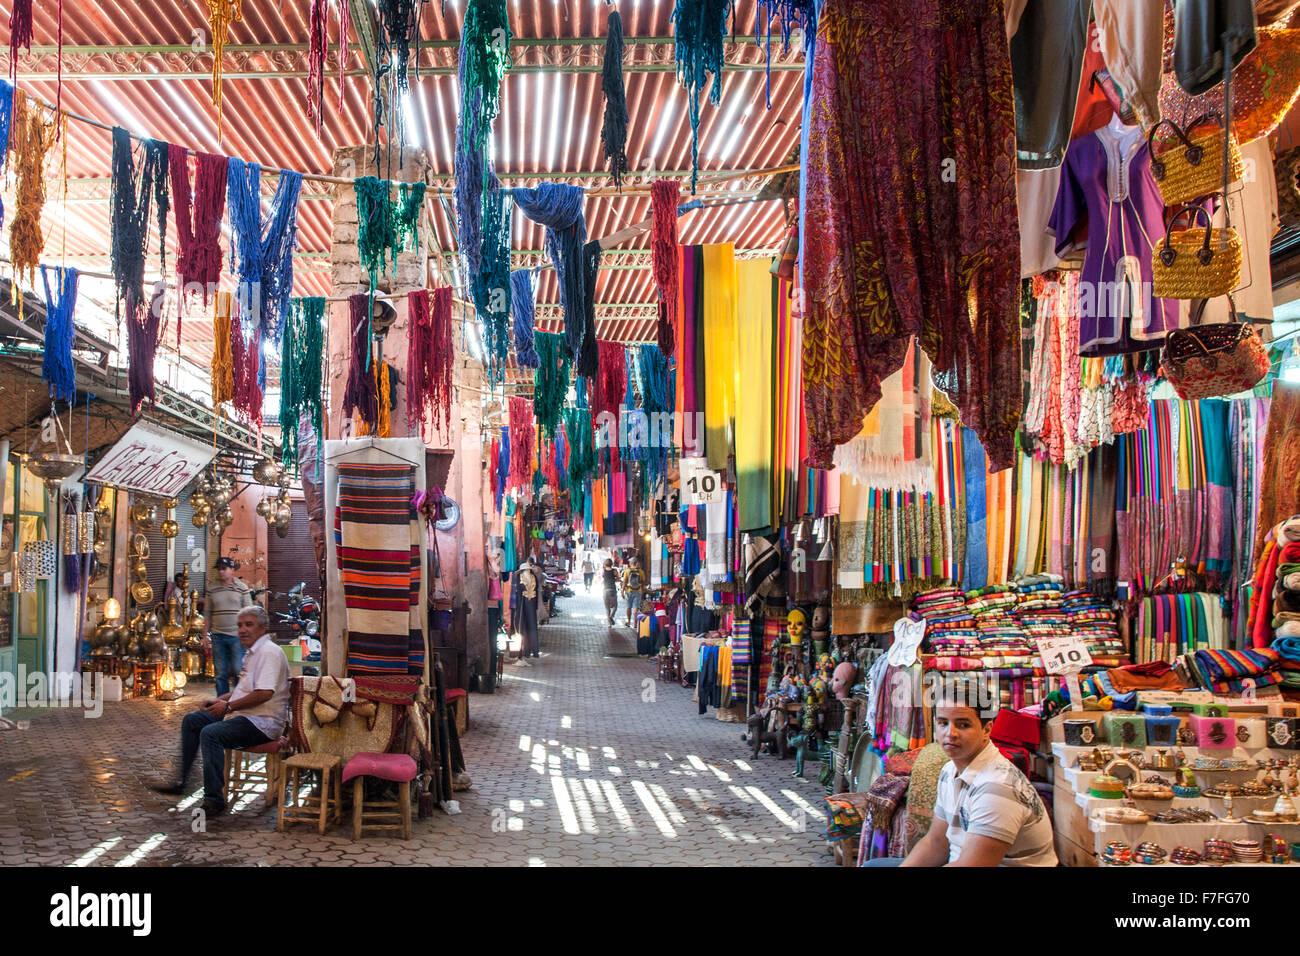 El zoco de Marrakech, Marruecos. Imagen De Stock